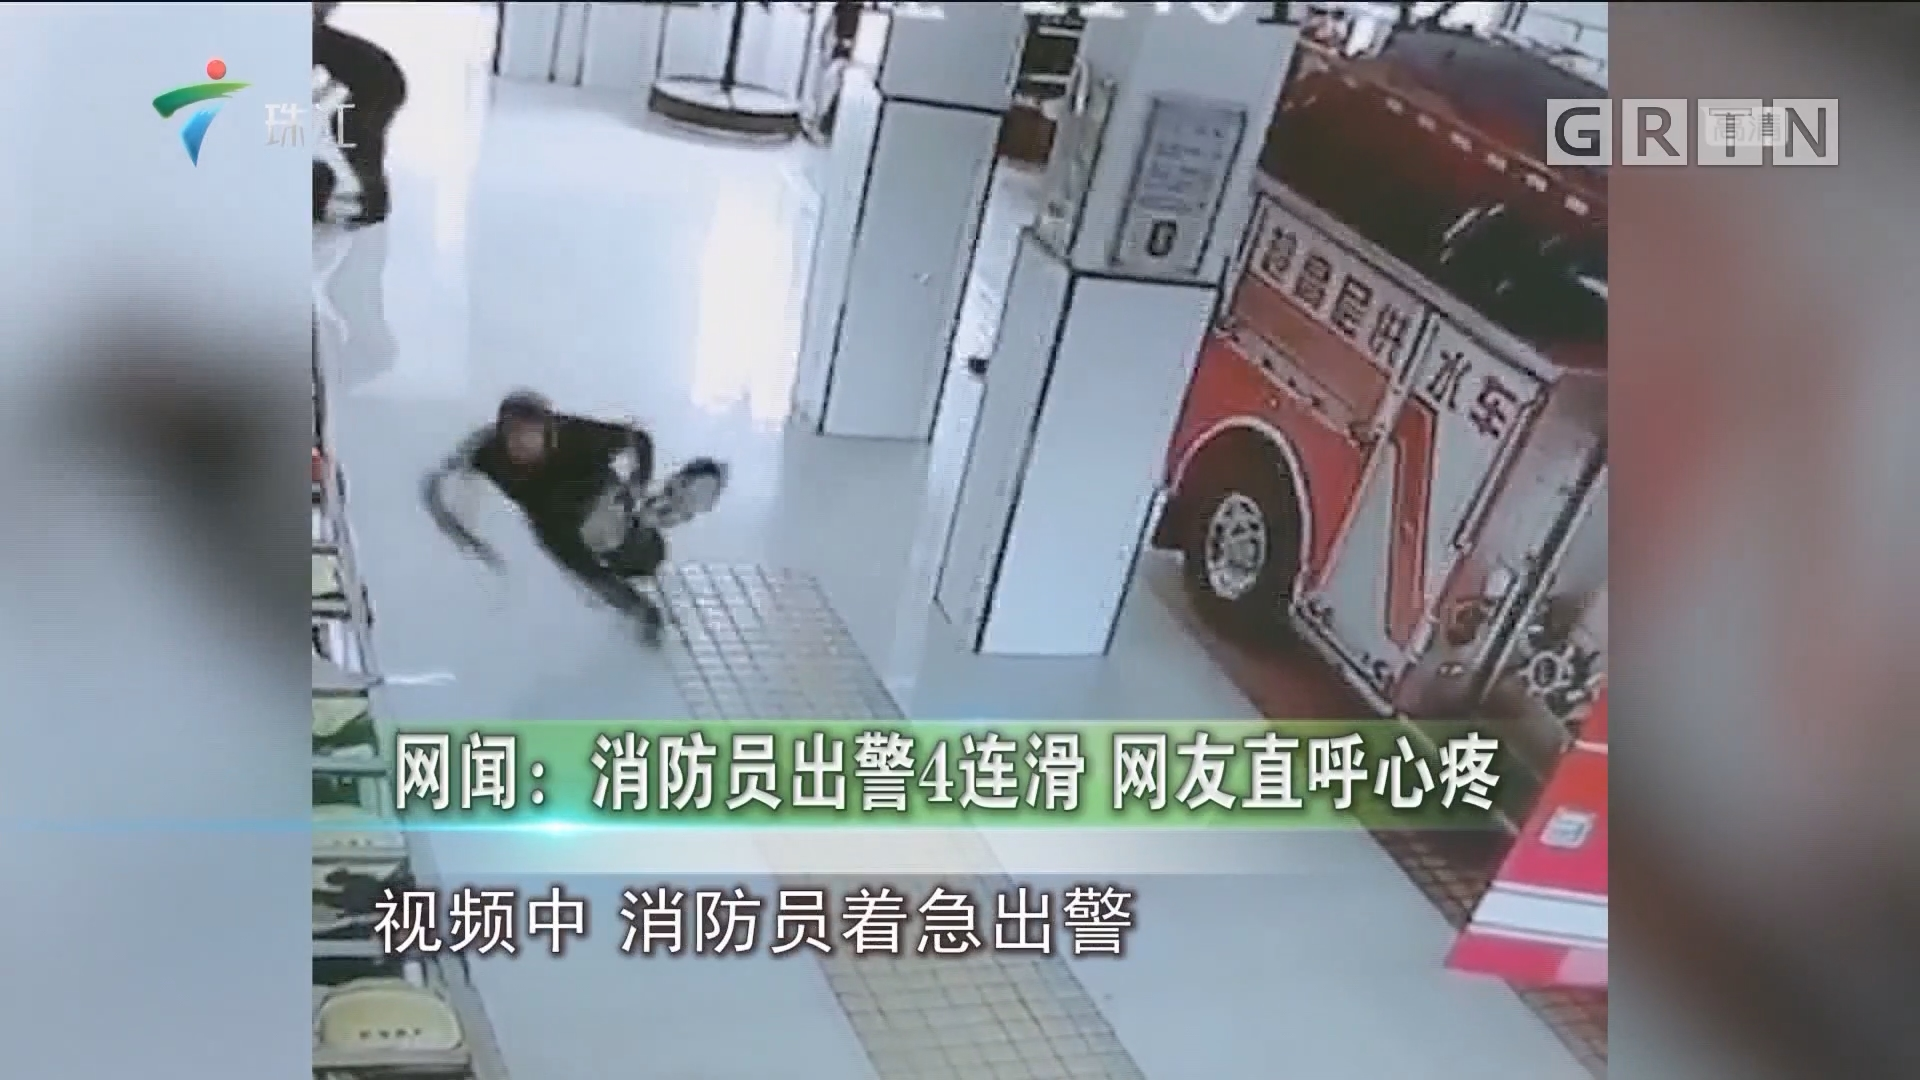 网闻:消防员出警4连滑 网友直呼心疼